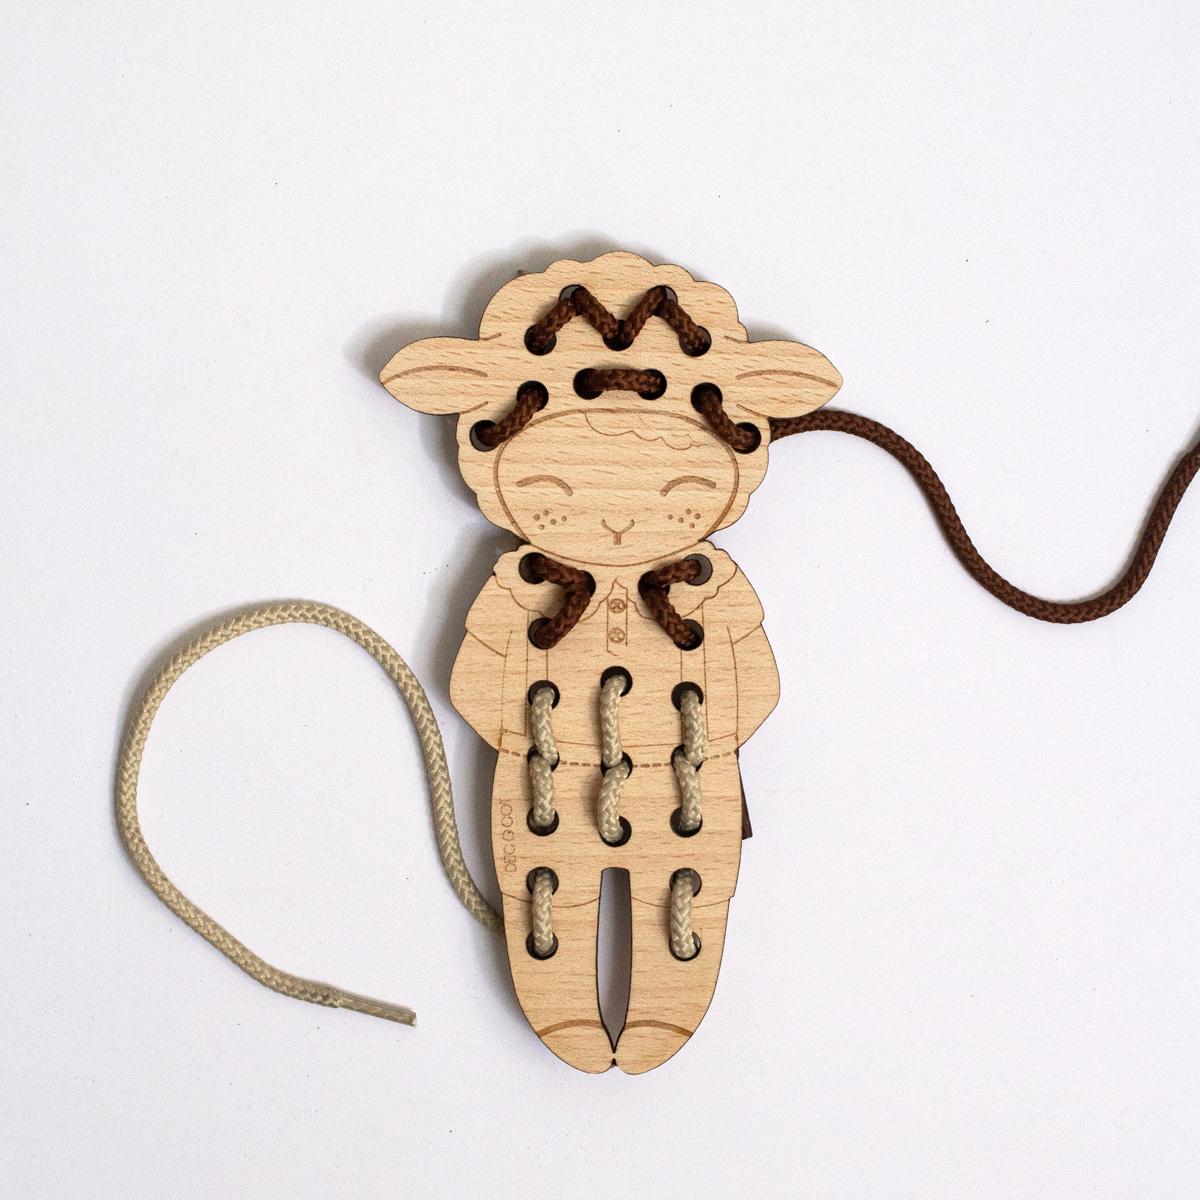 jouet en bois à lacer jeu enfant decocot